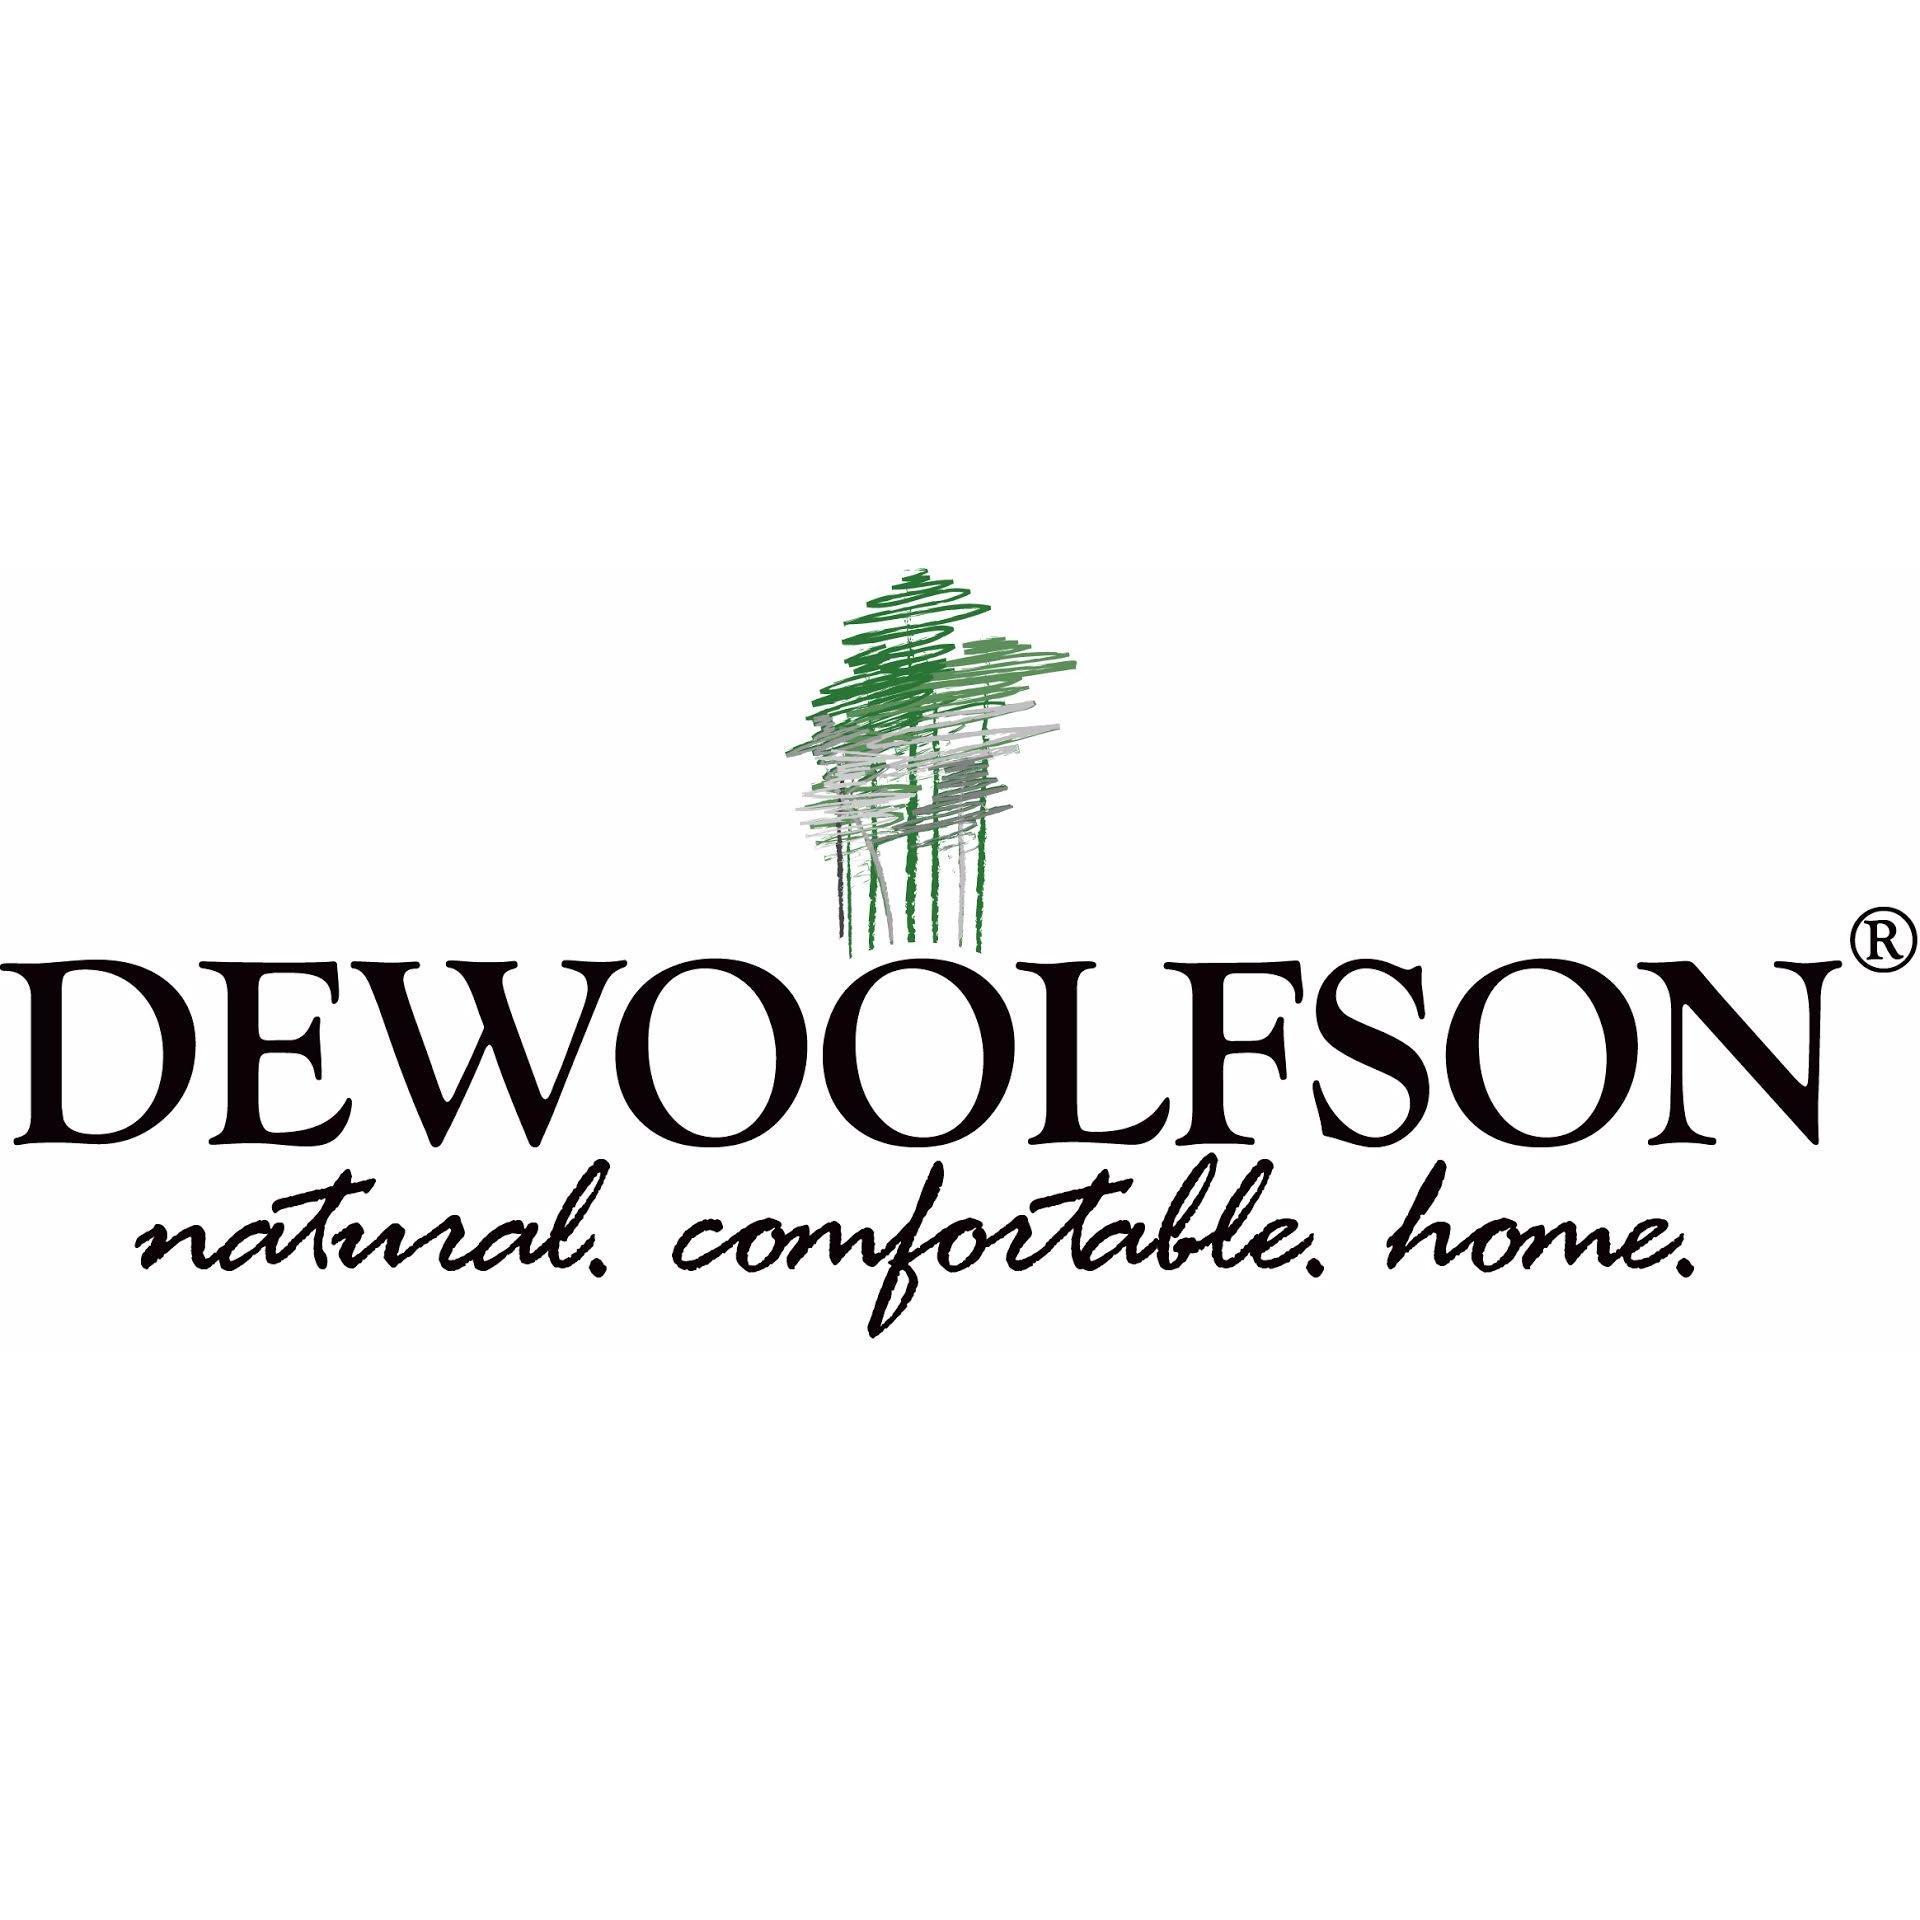 DEWOOLFSON - Banner Elk, NC - Home Accessories Stores